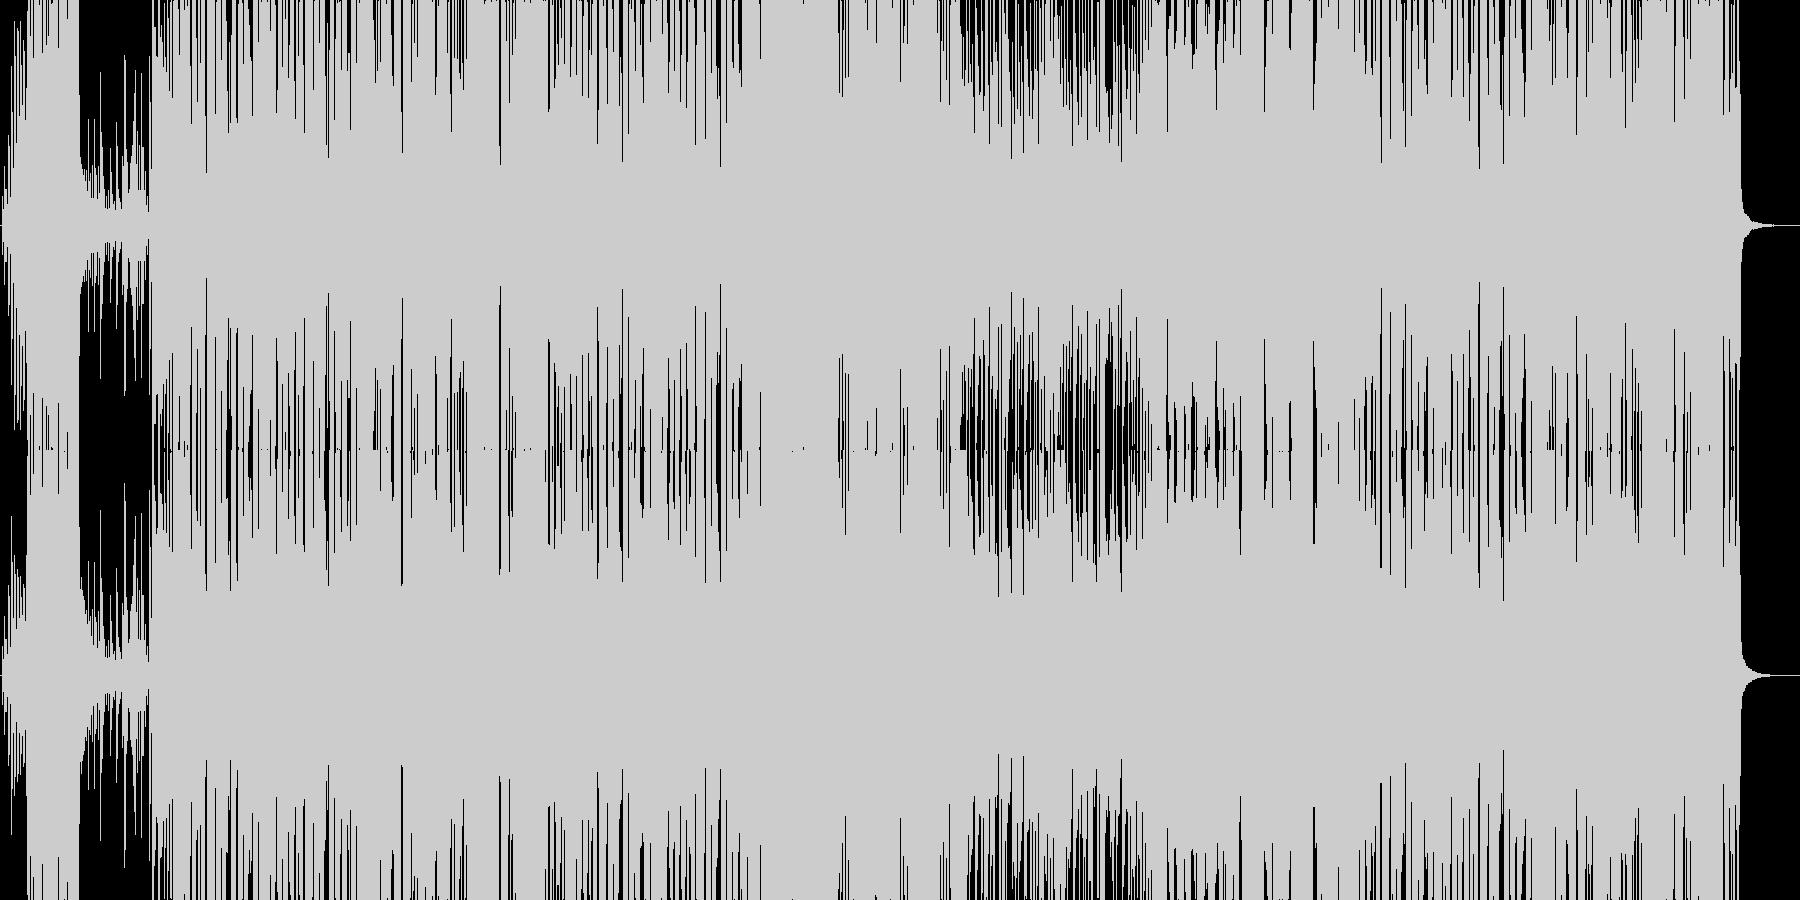 明るいアップテンポなポップスの未再生の波形